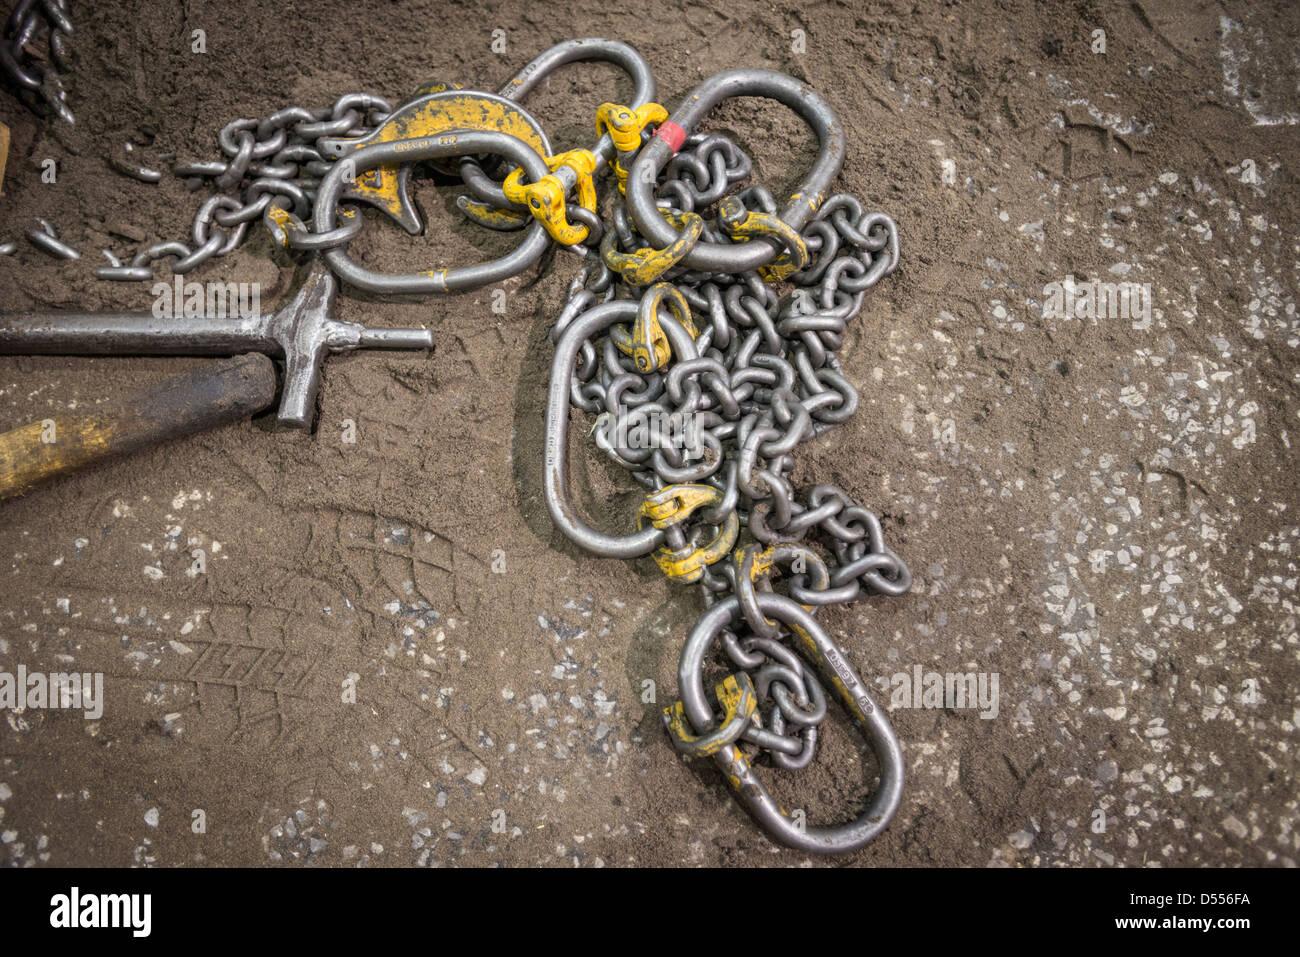 Cadena de metal en el piso de tierra Imagen De Stock